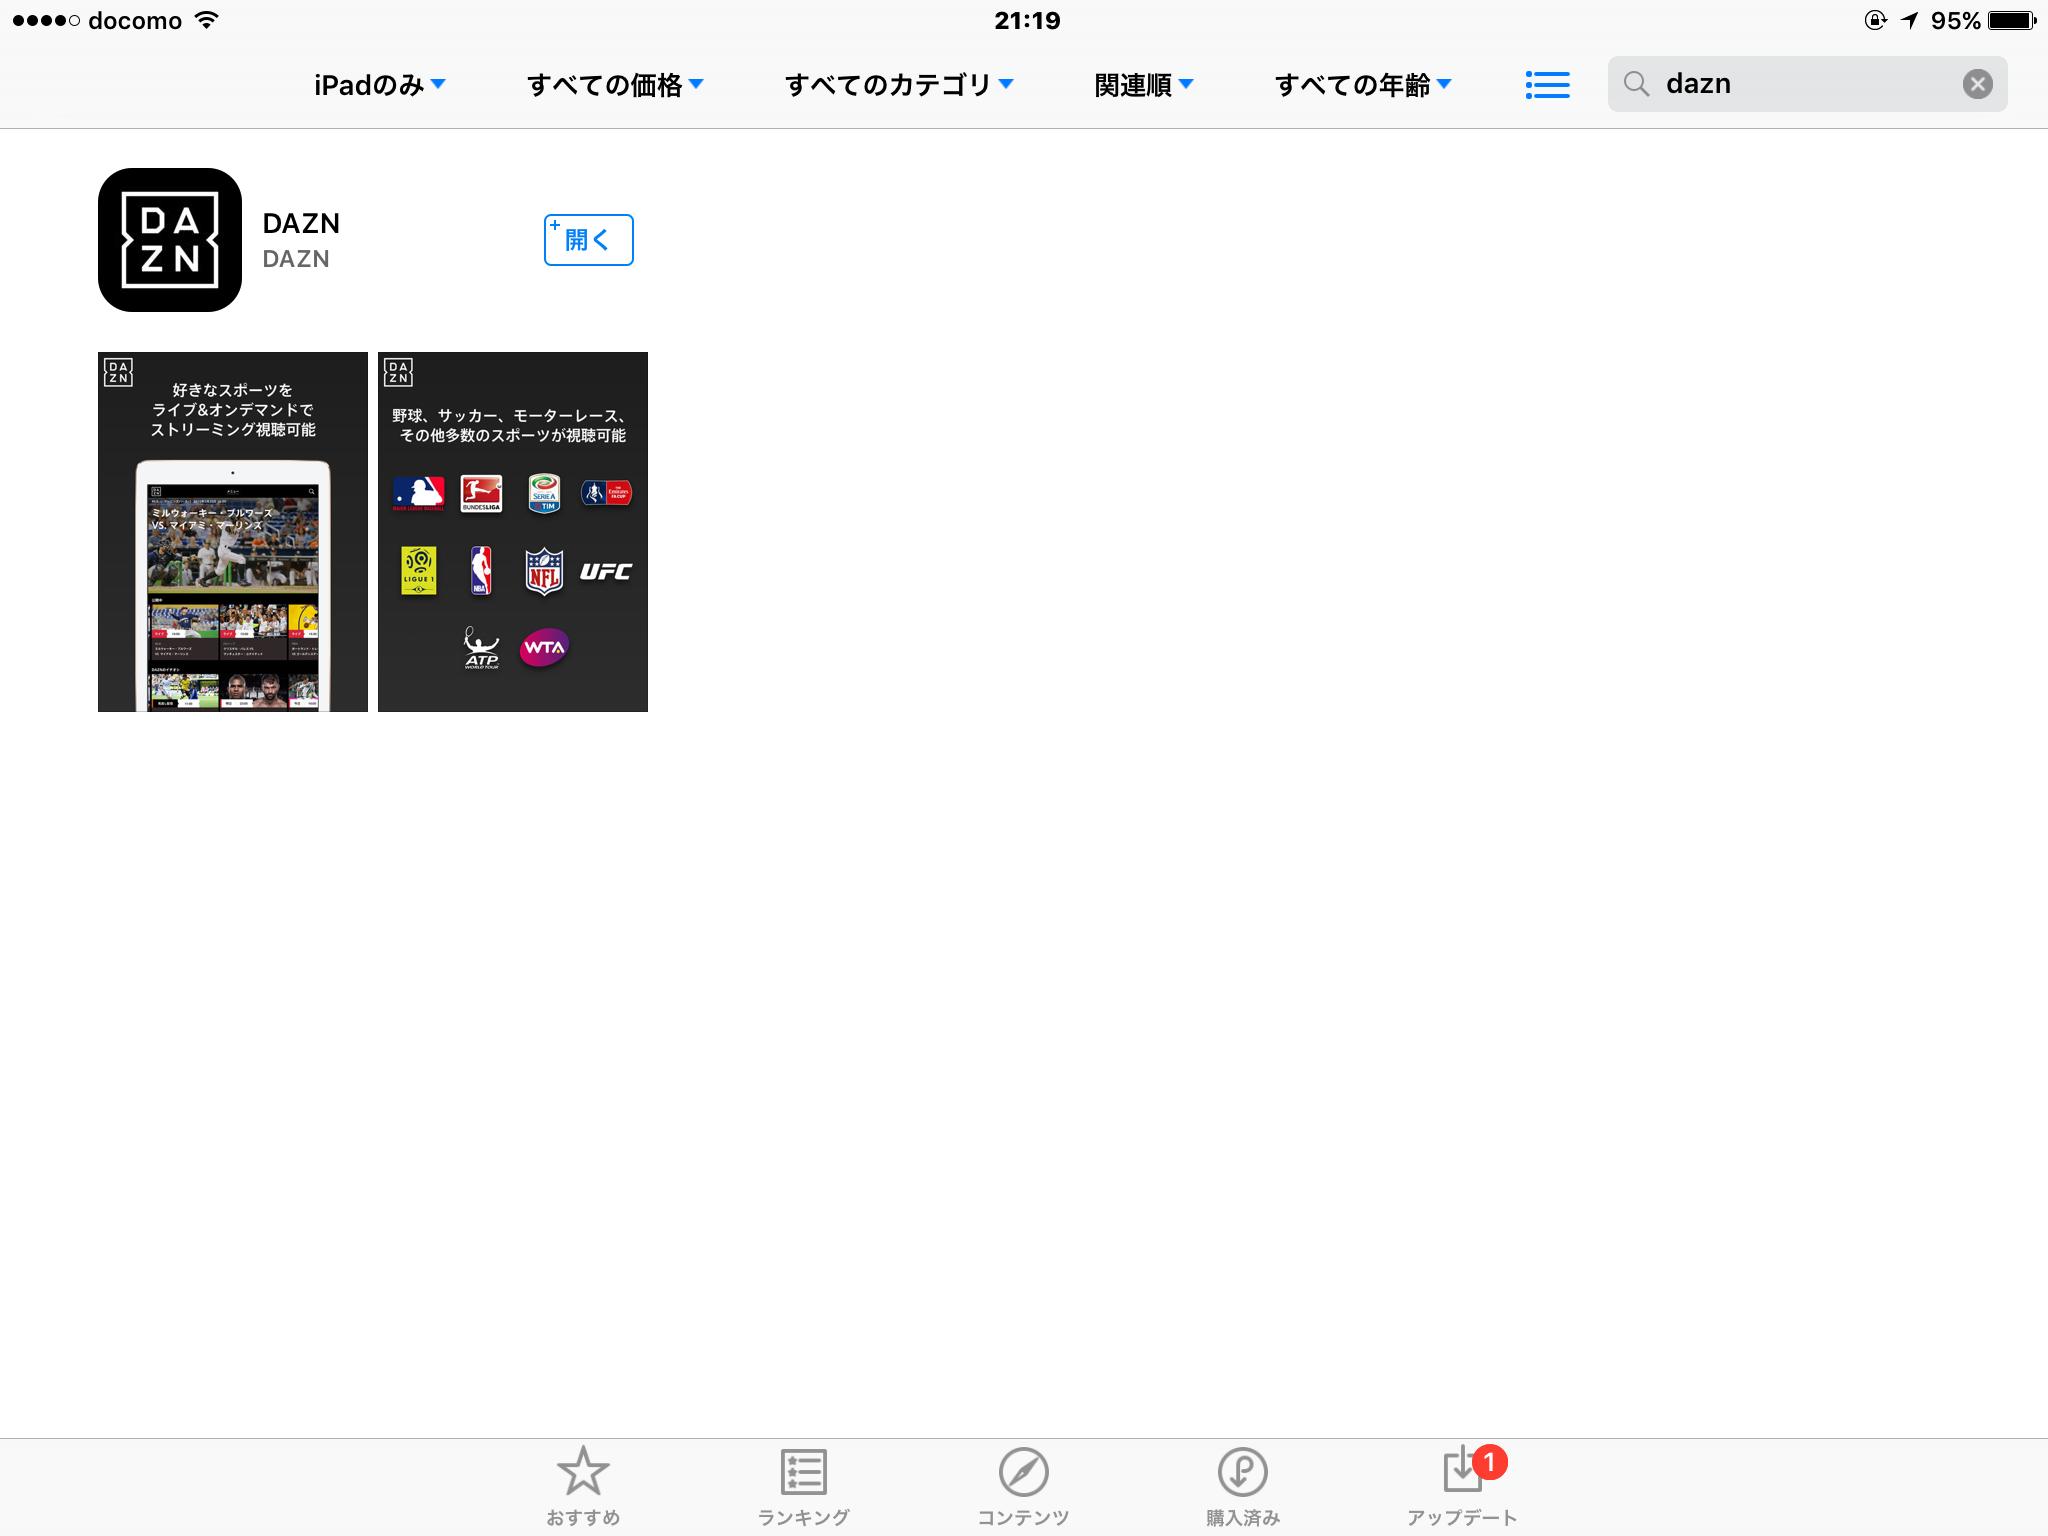 DAZNを見るためにはどうしたら良いか?について調べてみた。(3)iOSデバイス(iPad)で見てみよう編